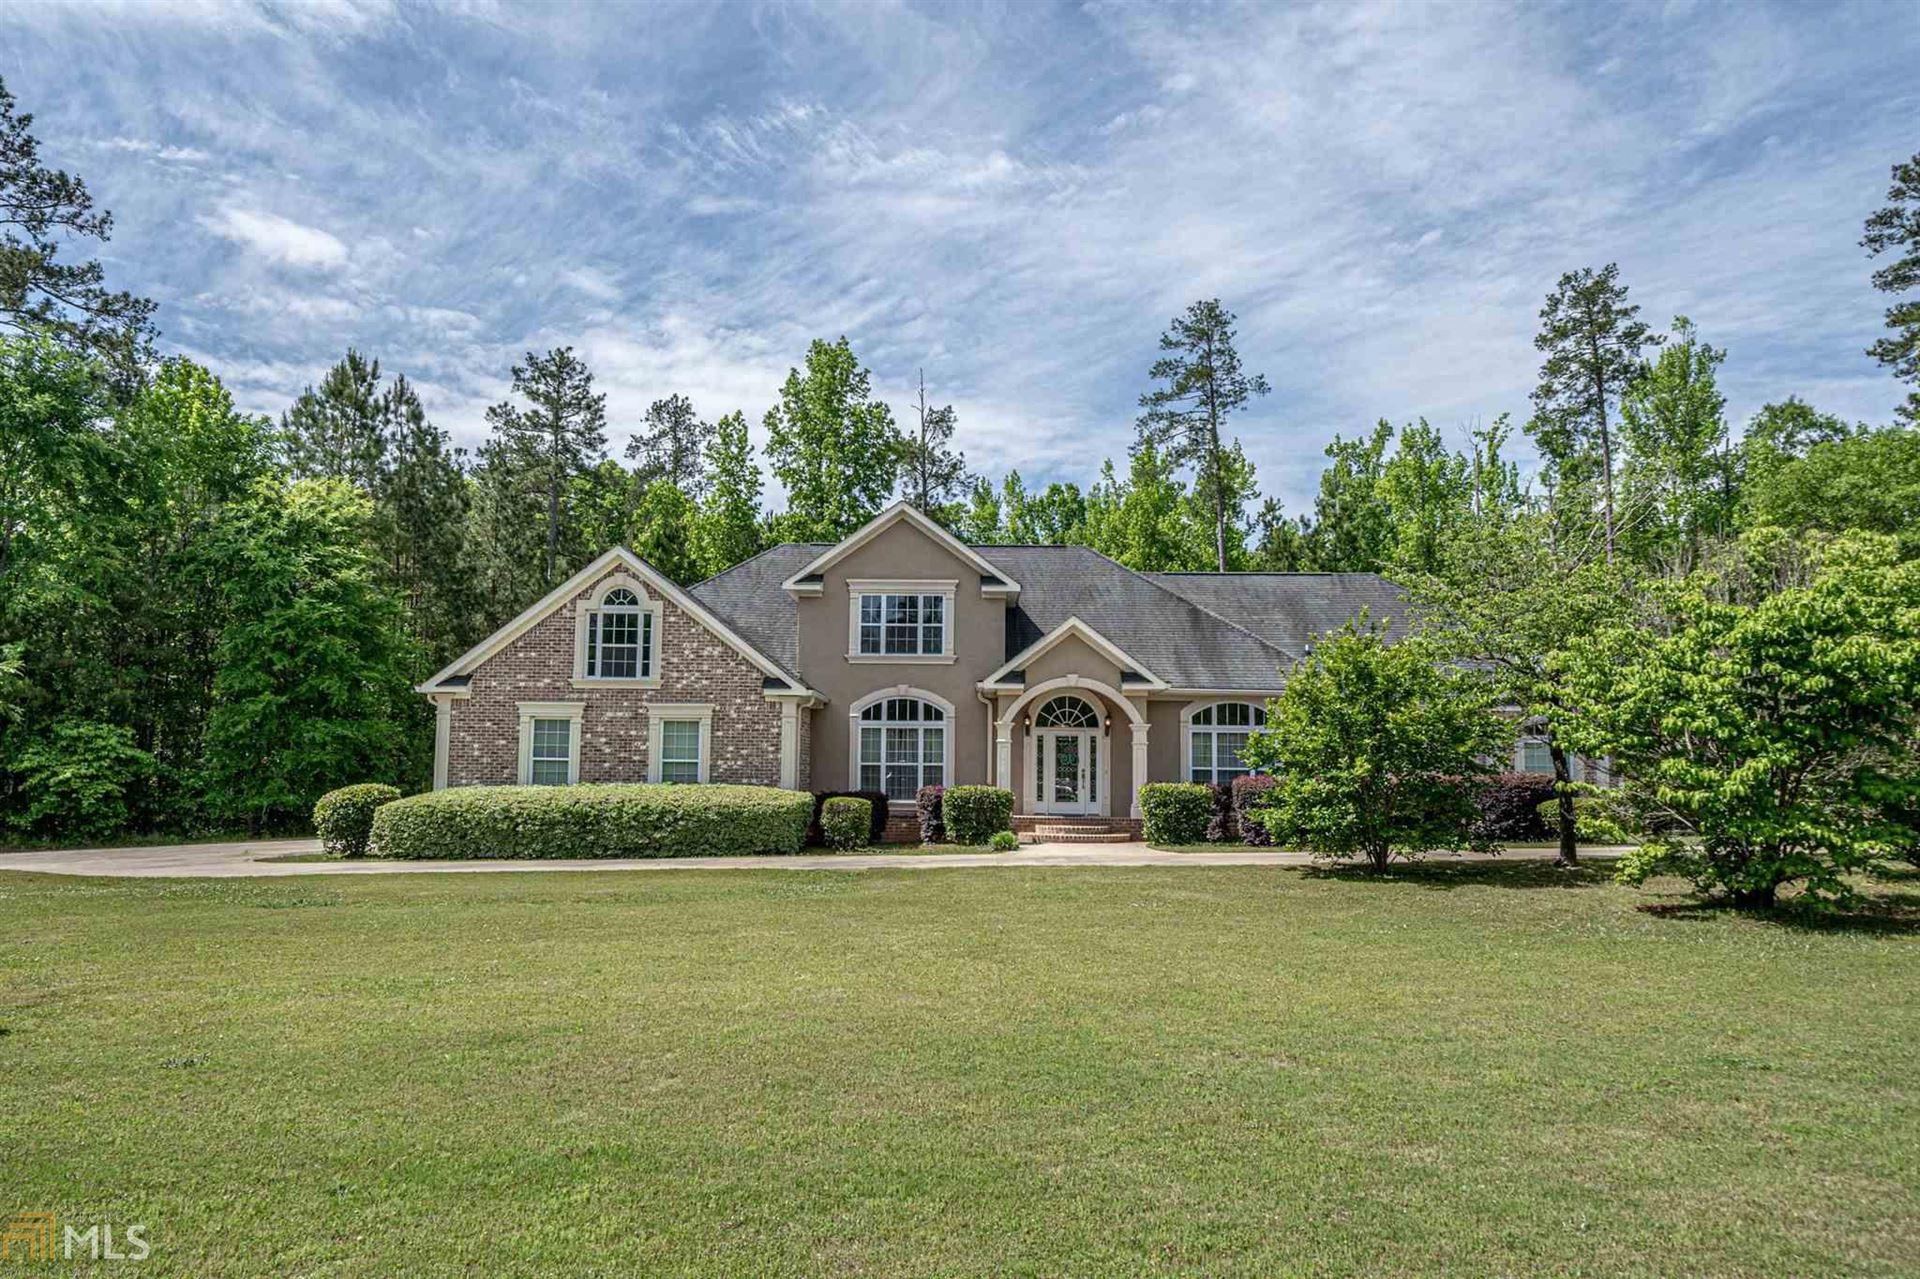 362 Willow Lake Dr, Milledgeville, GA 31061 - MLS#: 8994410